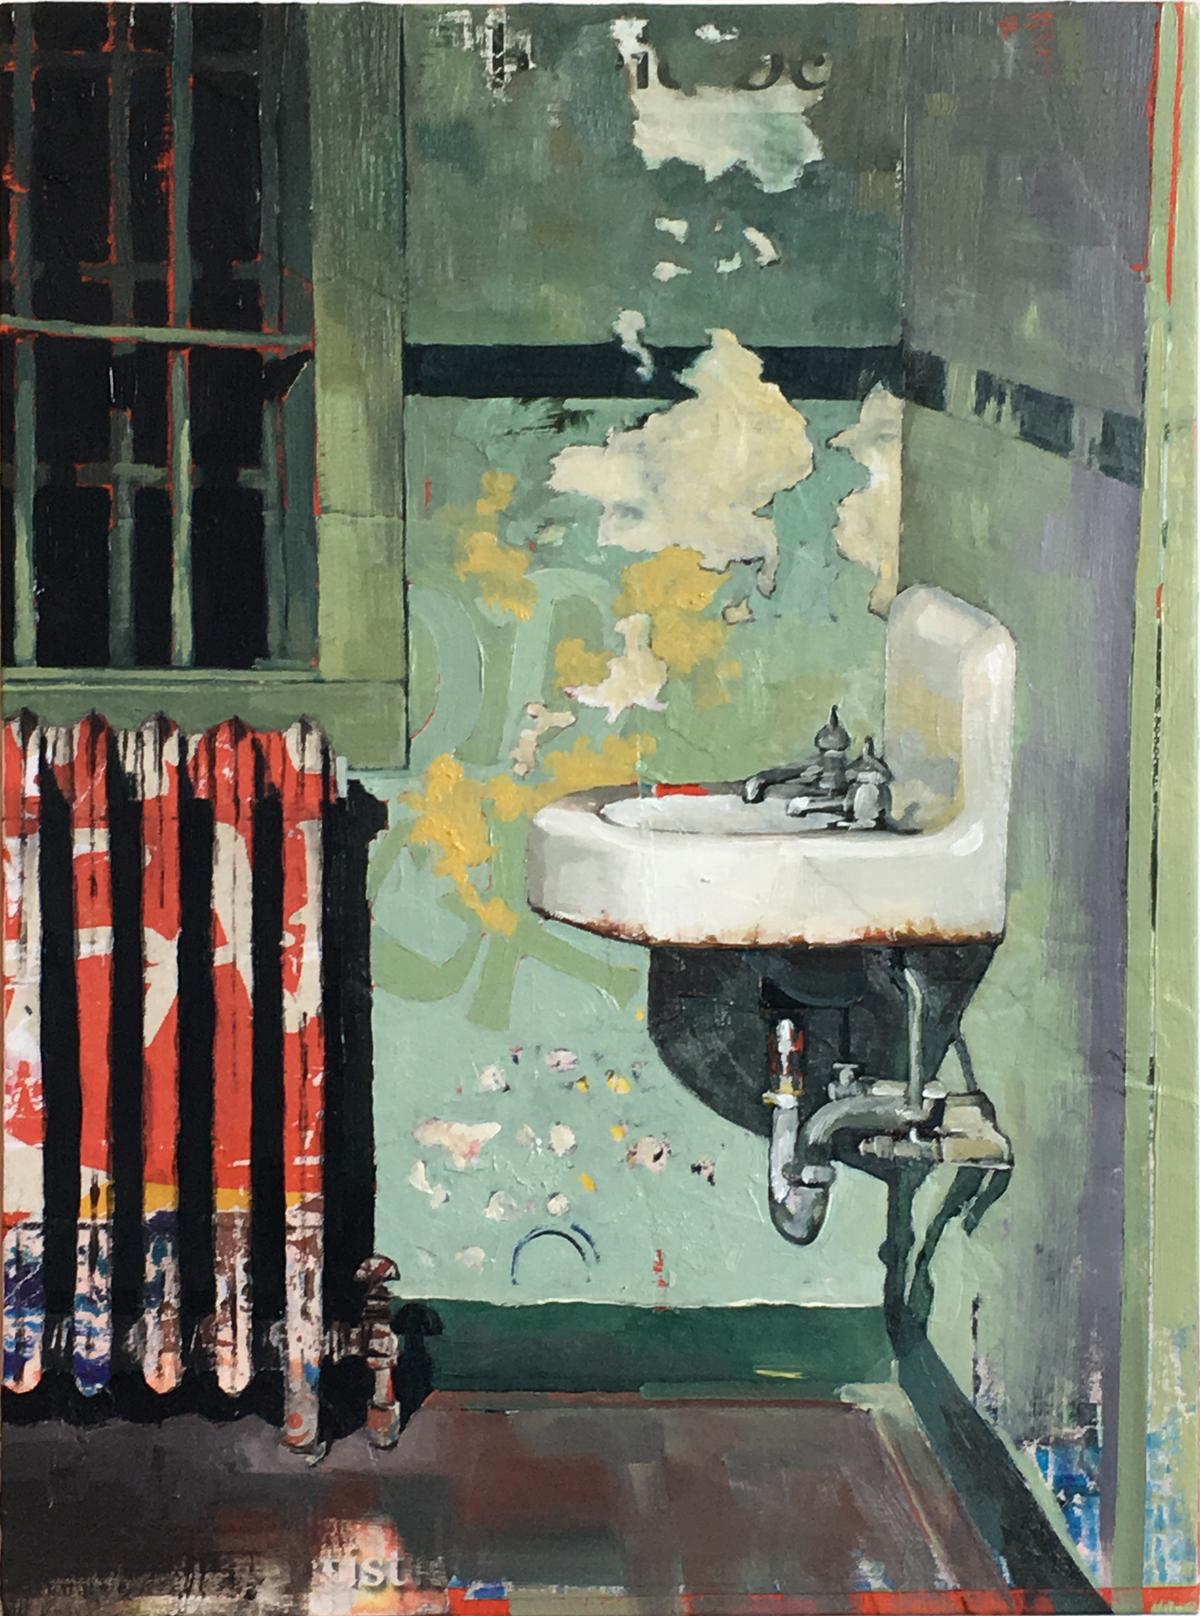 Alcatraz Sink No. 2